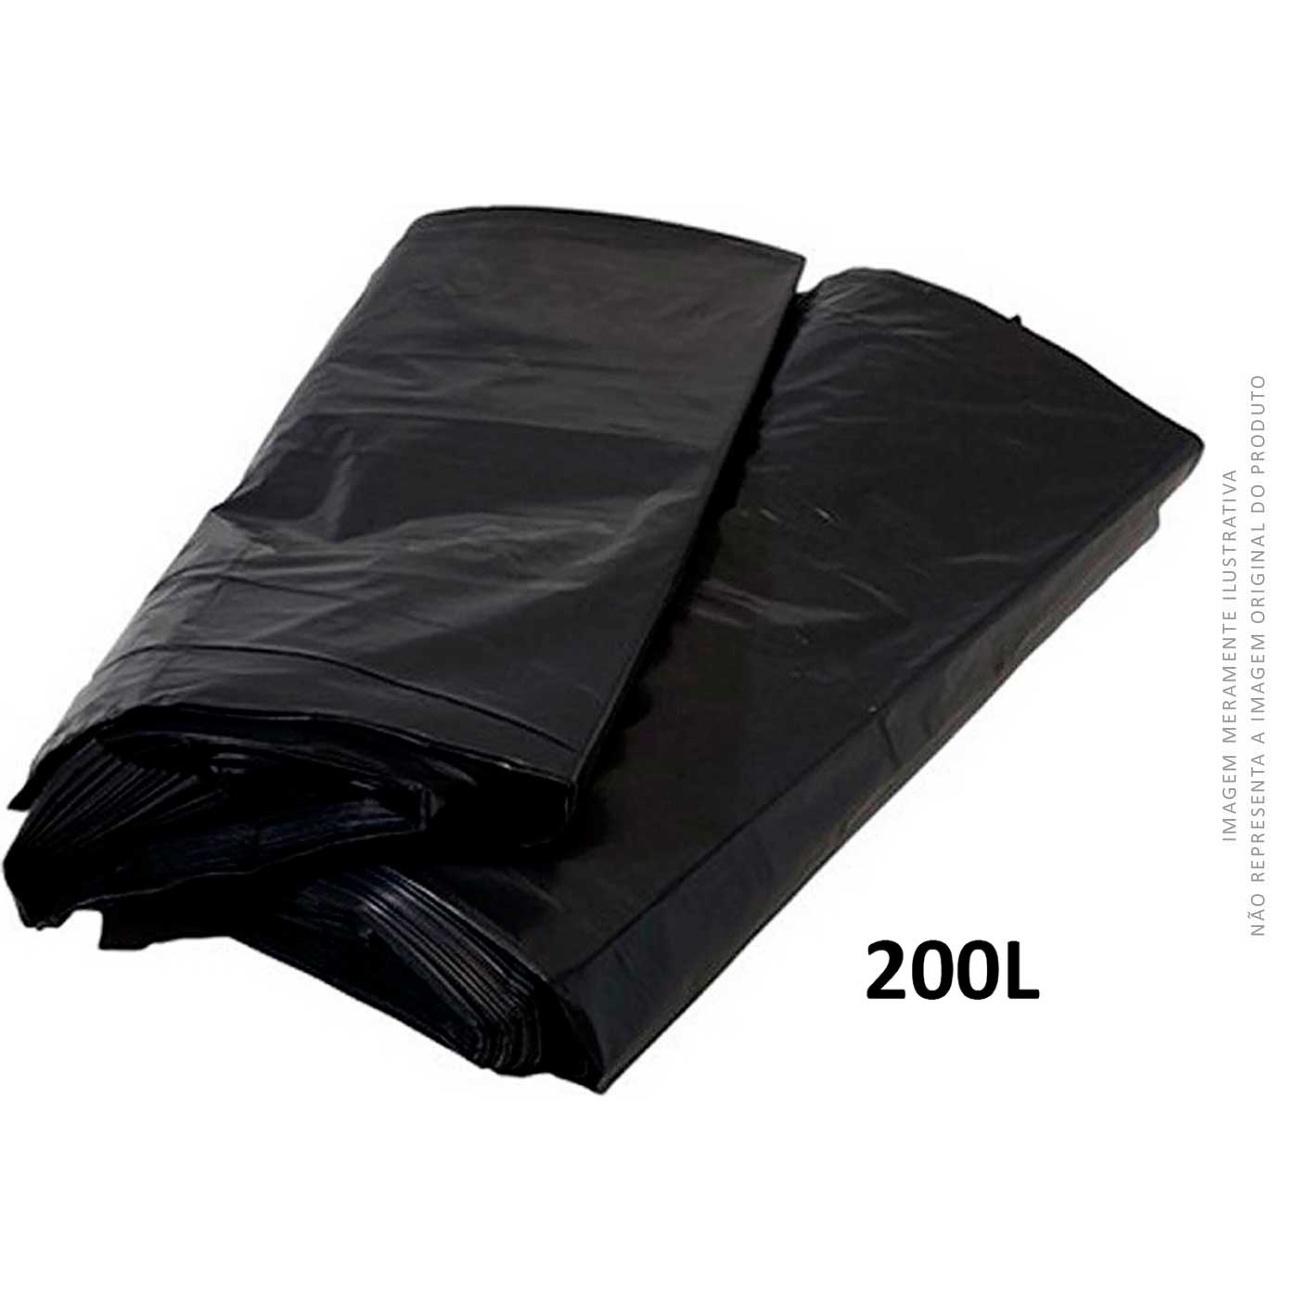 Saco De Lixo Preto Brasil Embalagens Reforçado 200L   Caixa com 100 unidades